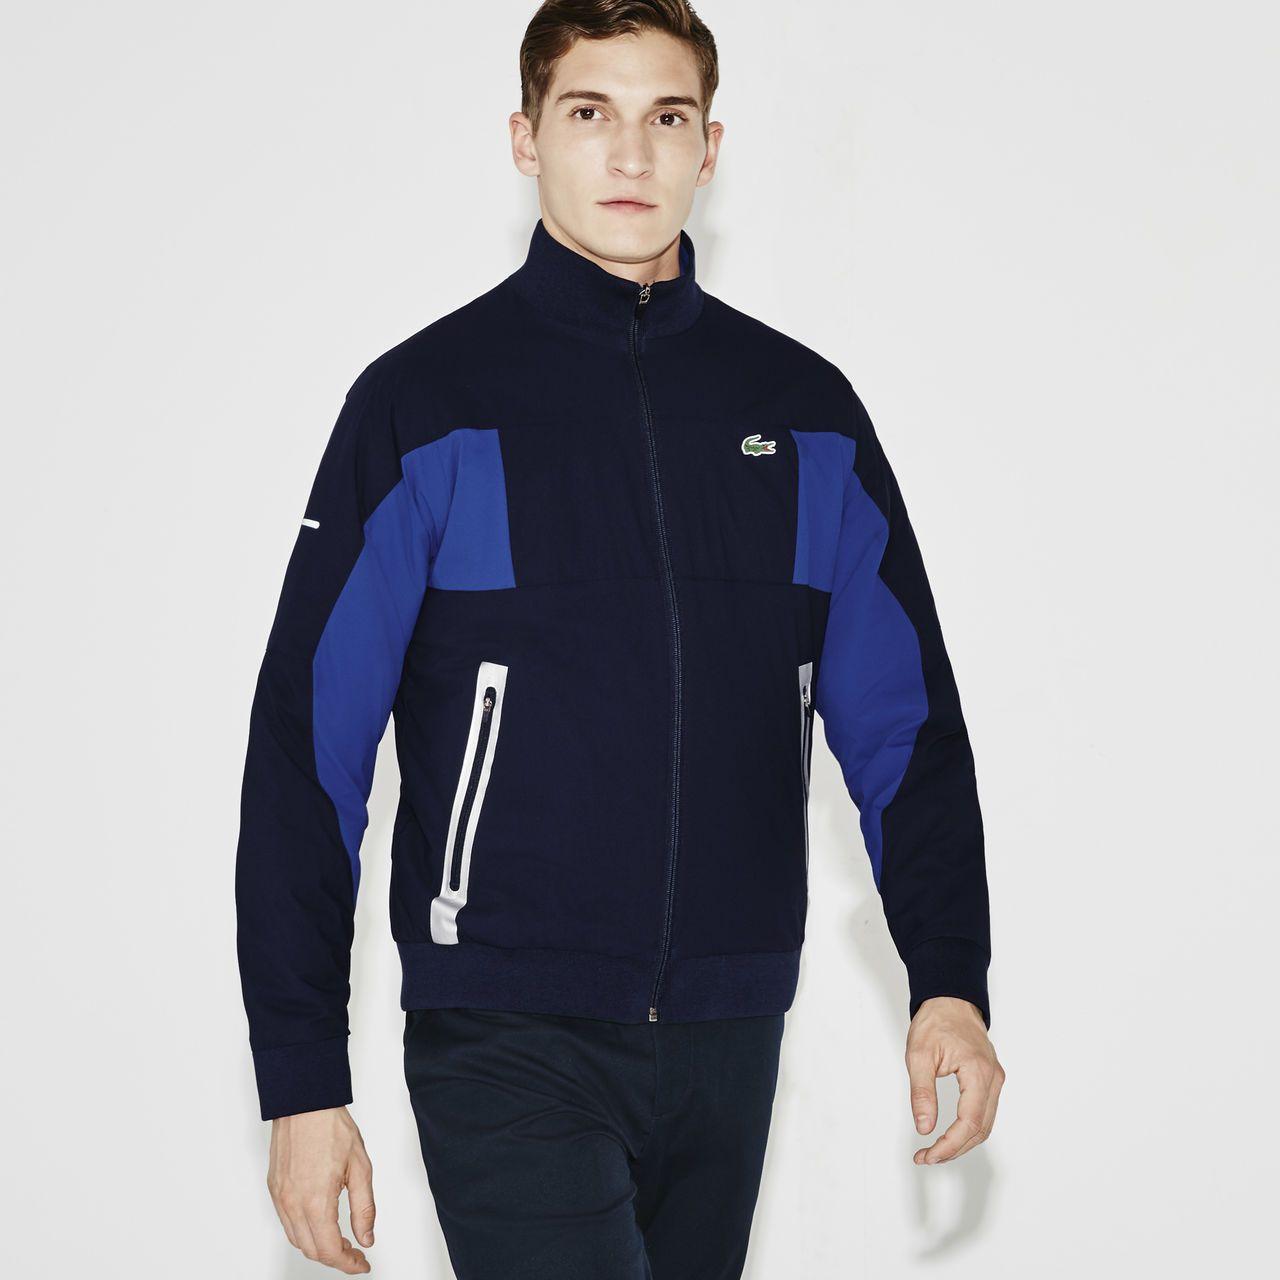 a2e76b7023 Men's Lacoste SPORT Golf Water Resistant Taffeta Jacket   bar in ...